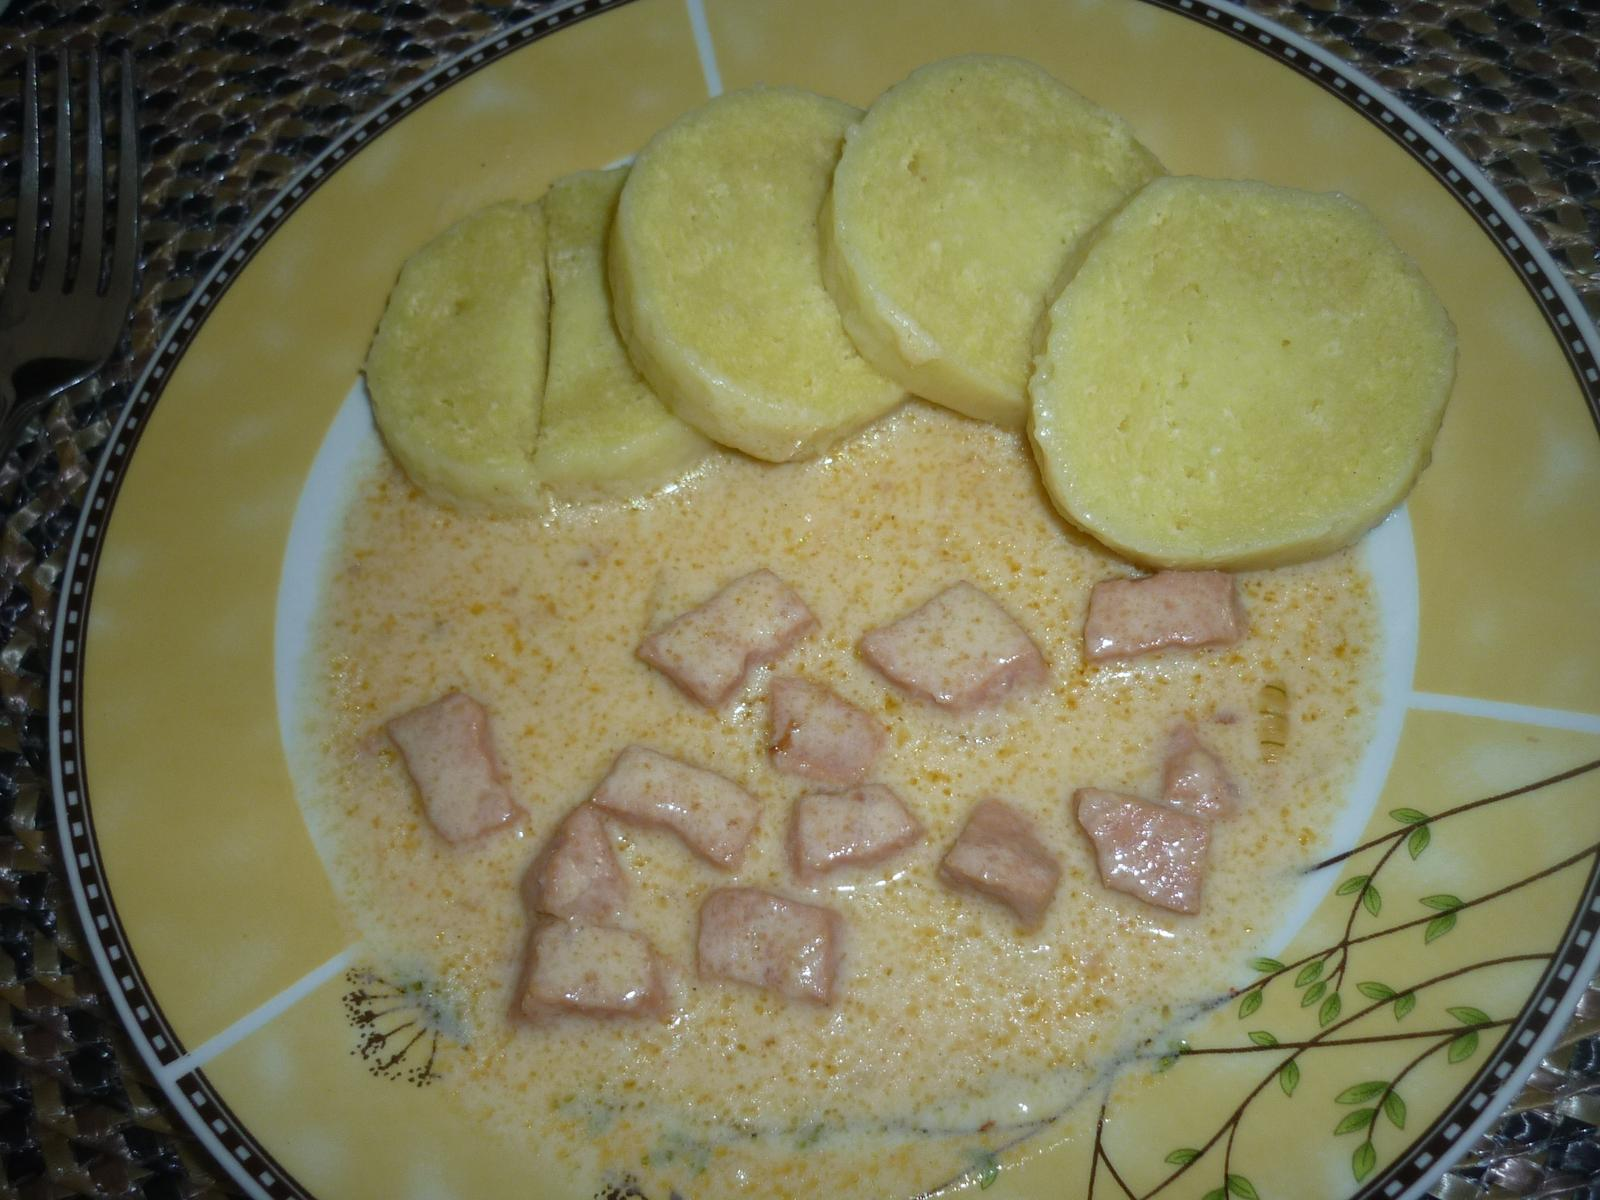 Což dát si něco k snědku - mnozí asi neznají - salám na paprice s bramborovým knedlíkem - manželovo hrozně oblíbené jídlo